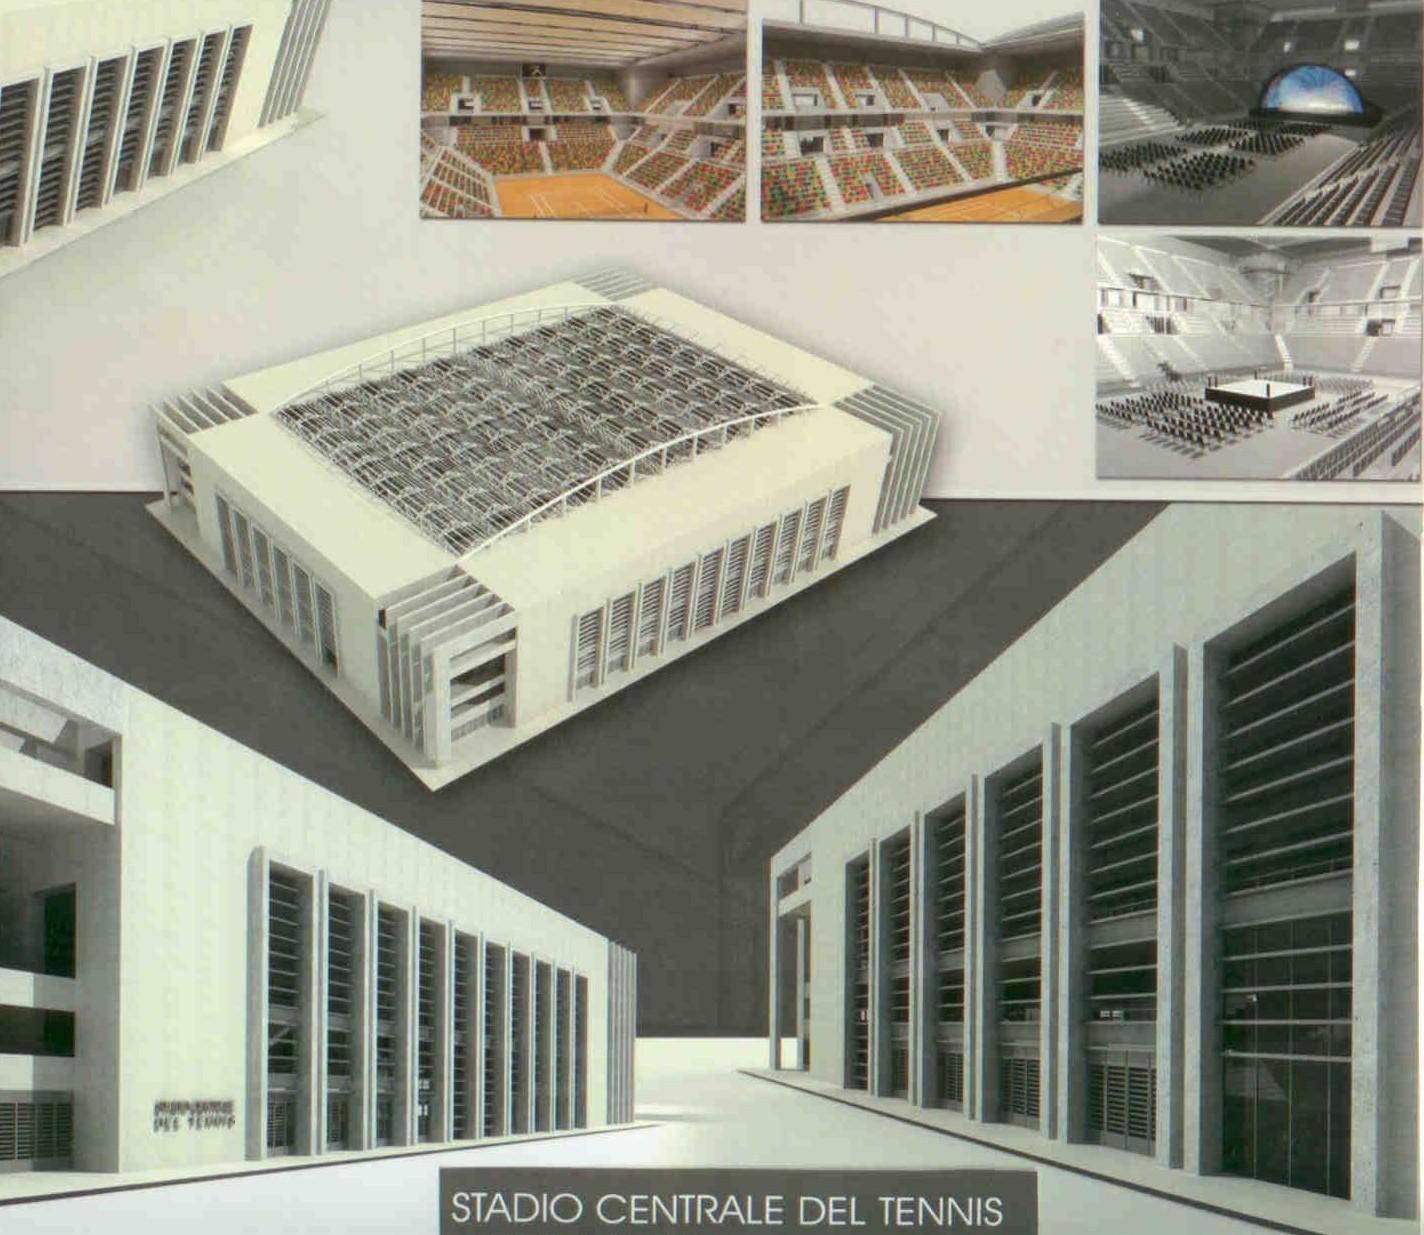 roma stadio centrale del tennis foro italico page 8 skyscrapercity. Black Bedroom Furniture Sets. Home Design Ideas